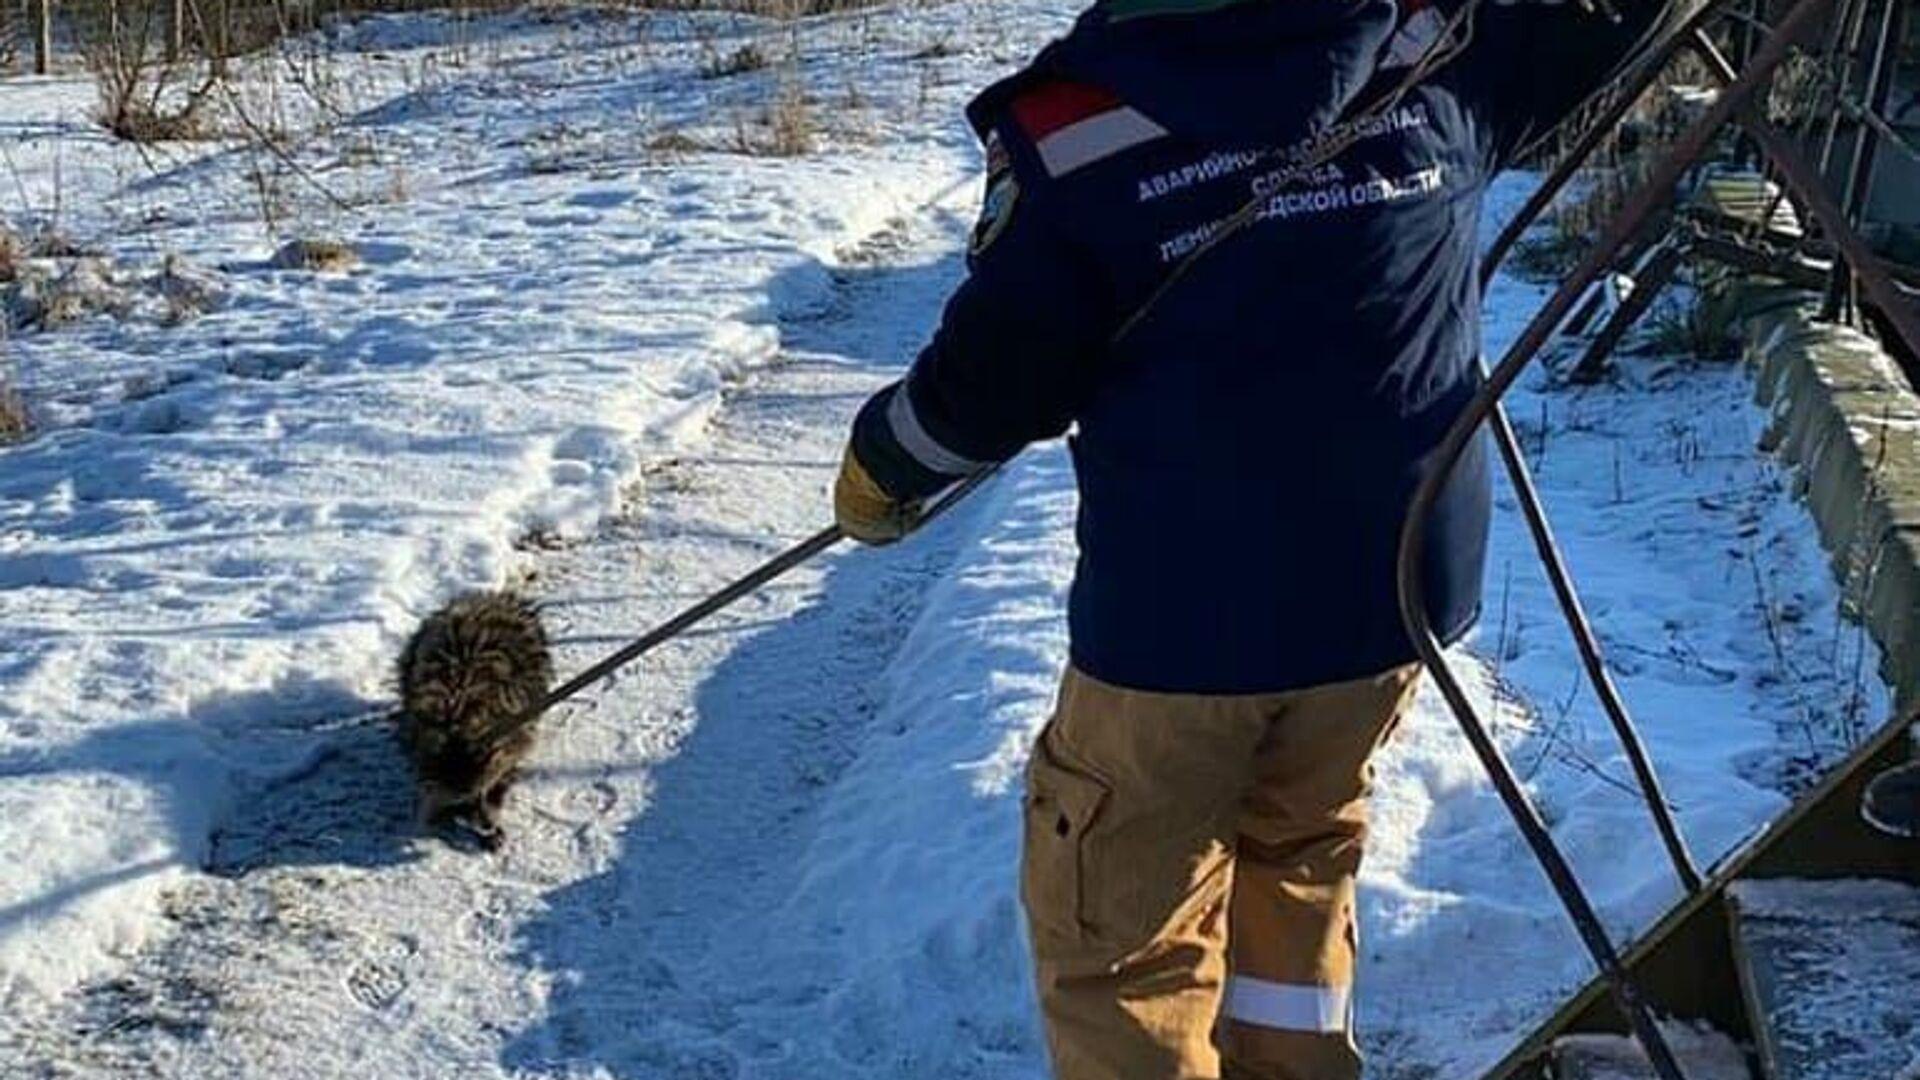 Спасение енотовидной собаки из очистных сооружений в Ленинградской области - РИА Новости, 1920, 05.03.2021